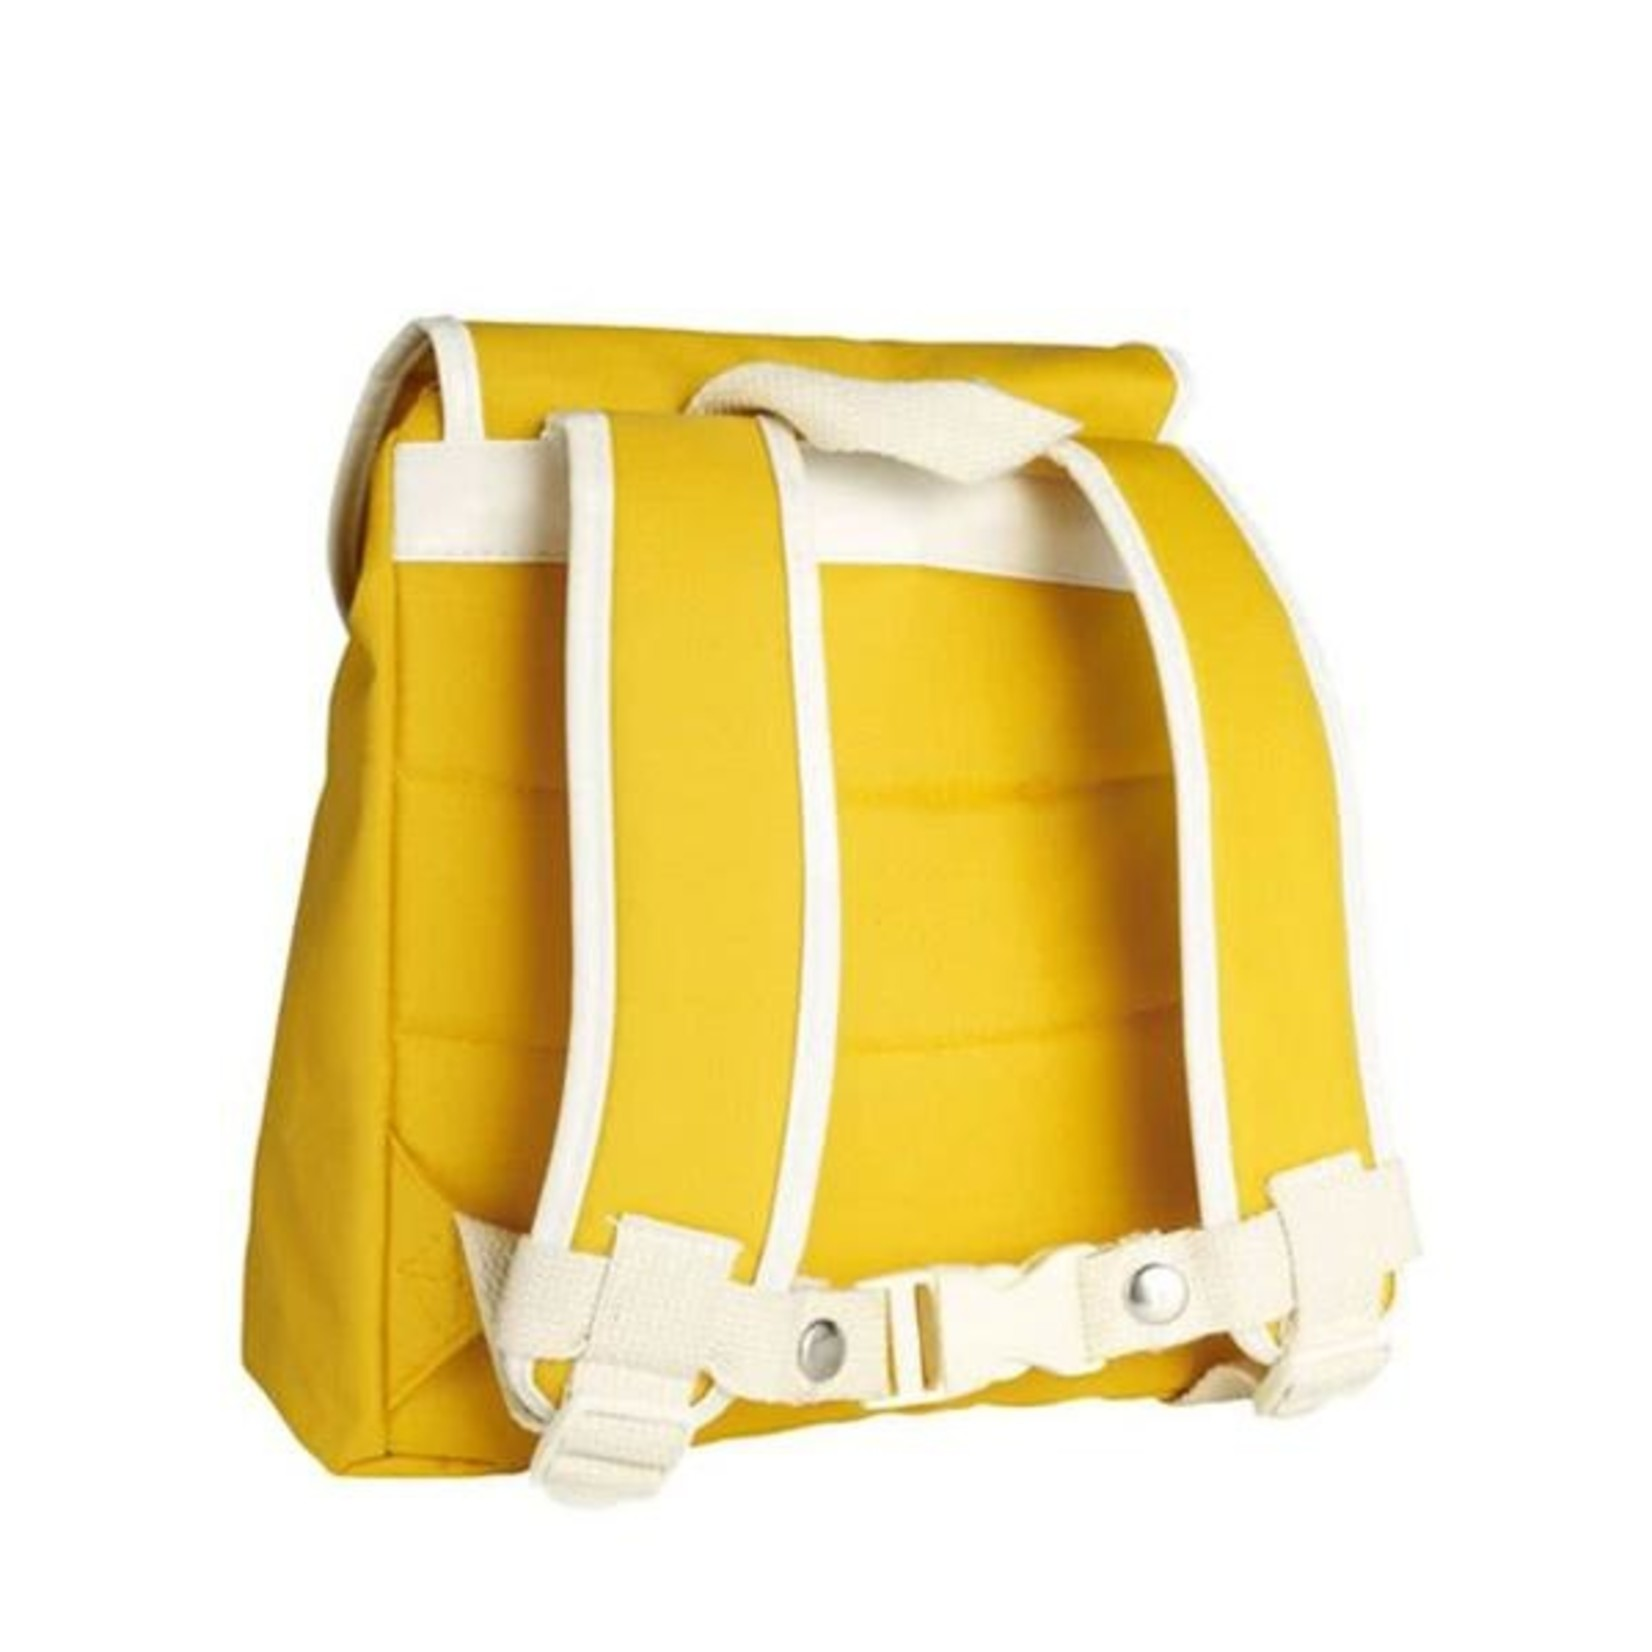 BLAFRE Kindergartenrucksack von Blafre in Gelb   1-4 Jahre